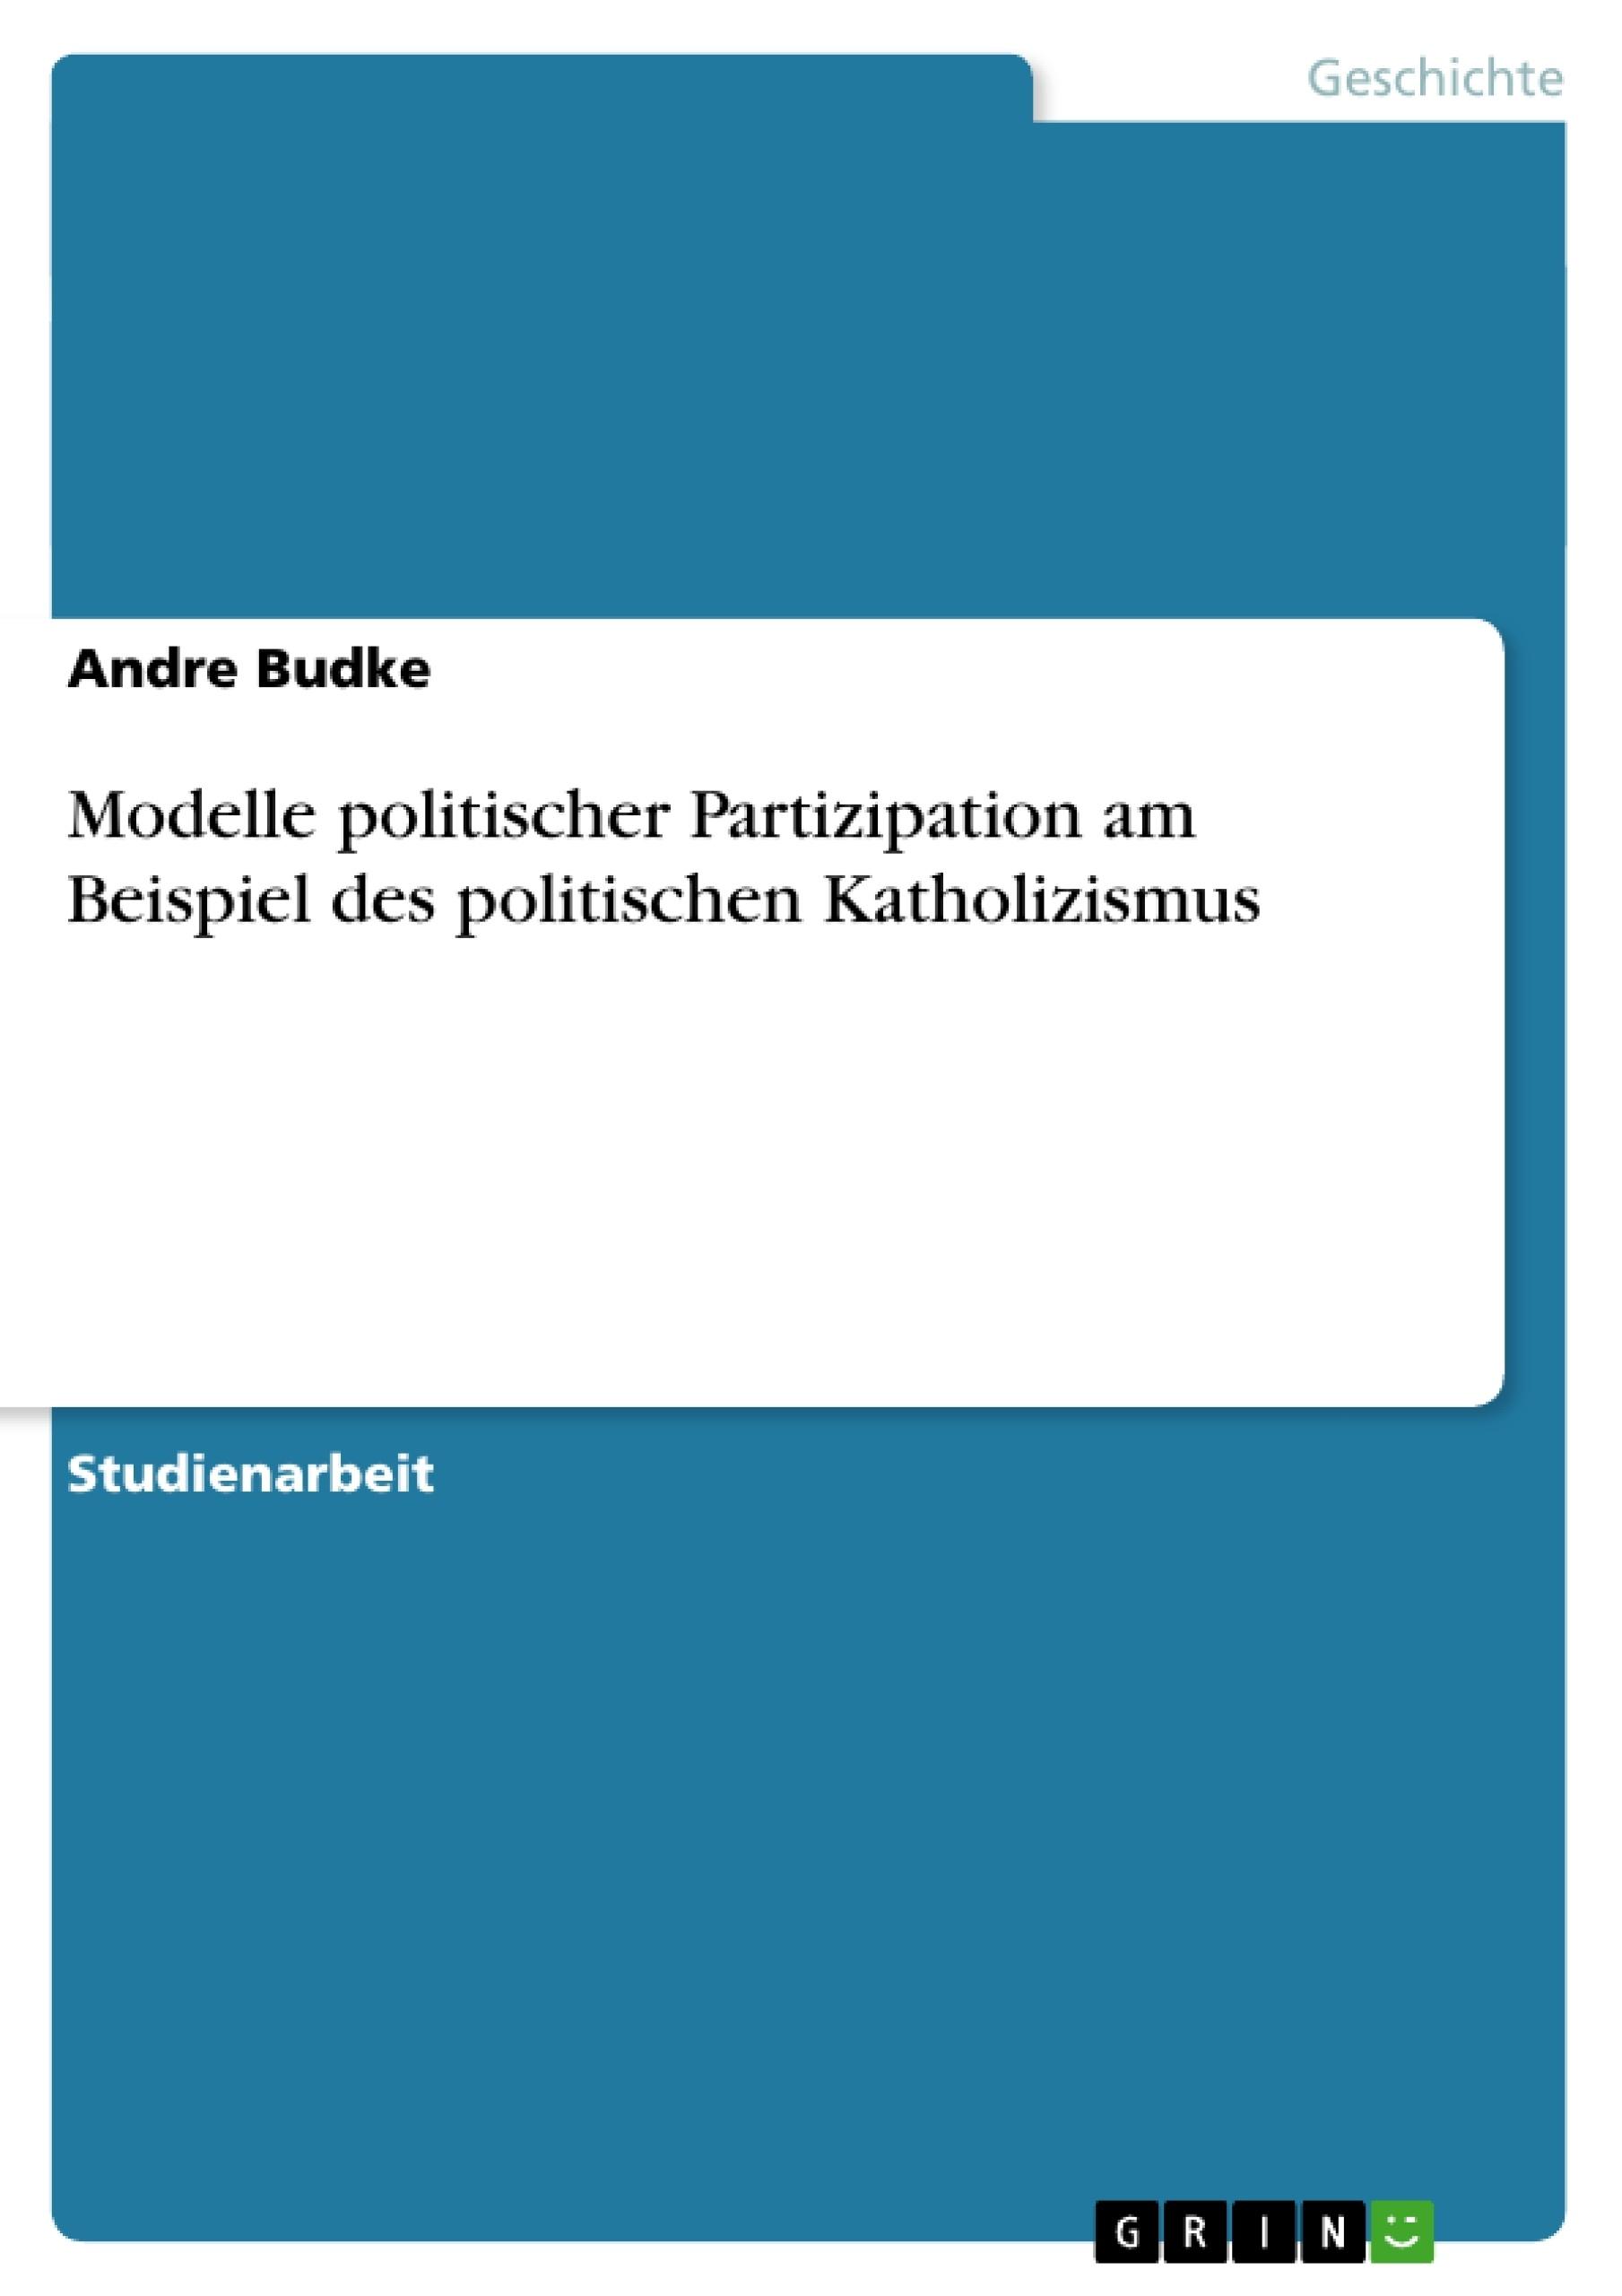 Titel: Modelle politischer Partizipation am Beispiel des politischen Katholizismus